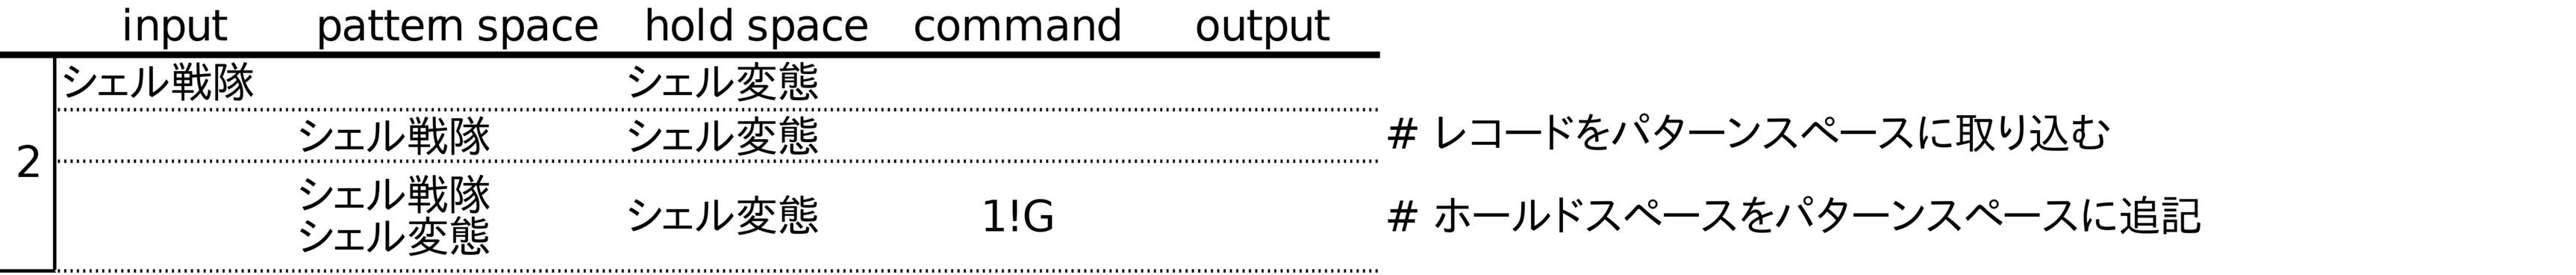 fig2-2-2.jpg